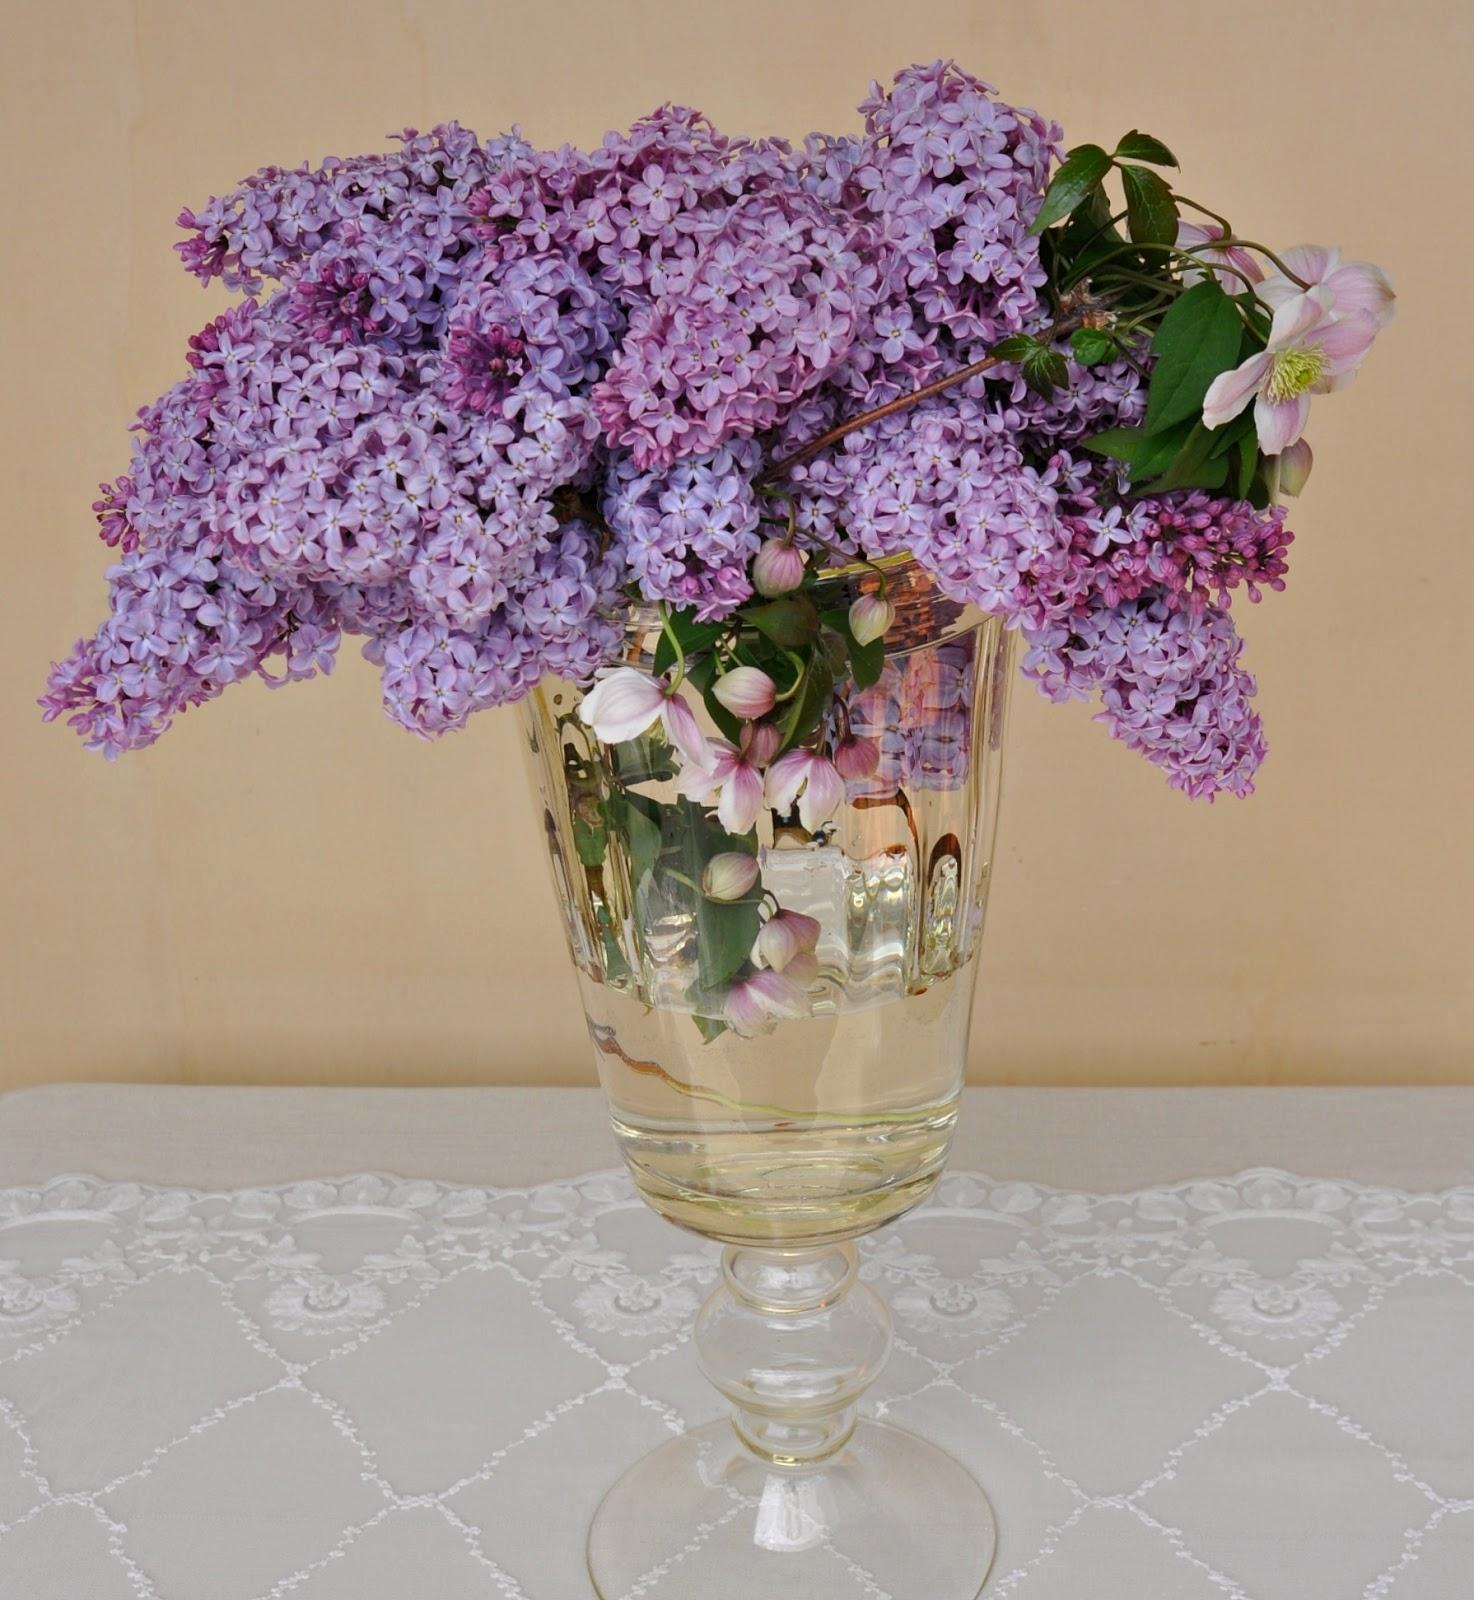 lemapi s dtiroler lifestyleblog flowerday mit ich bin verliebt str u chen. Black Bedroom Furniture Sets. Home Design Ideas